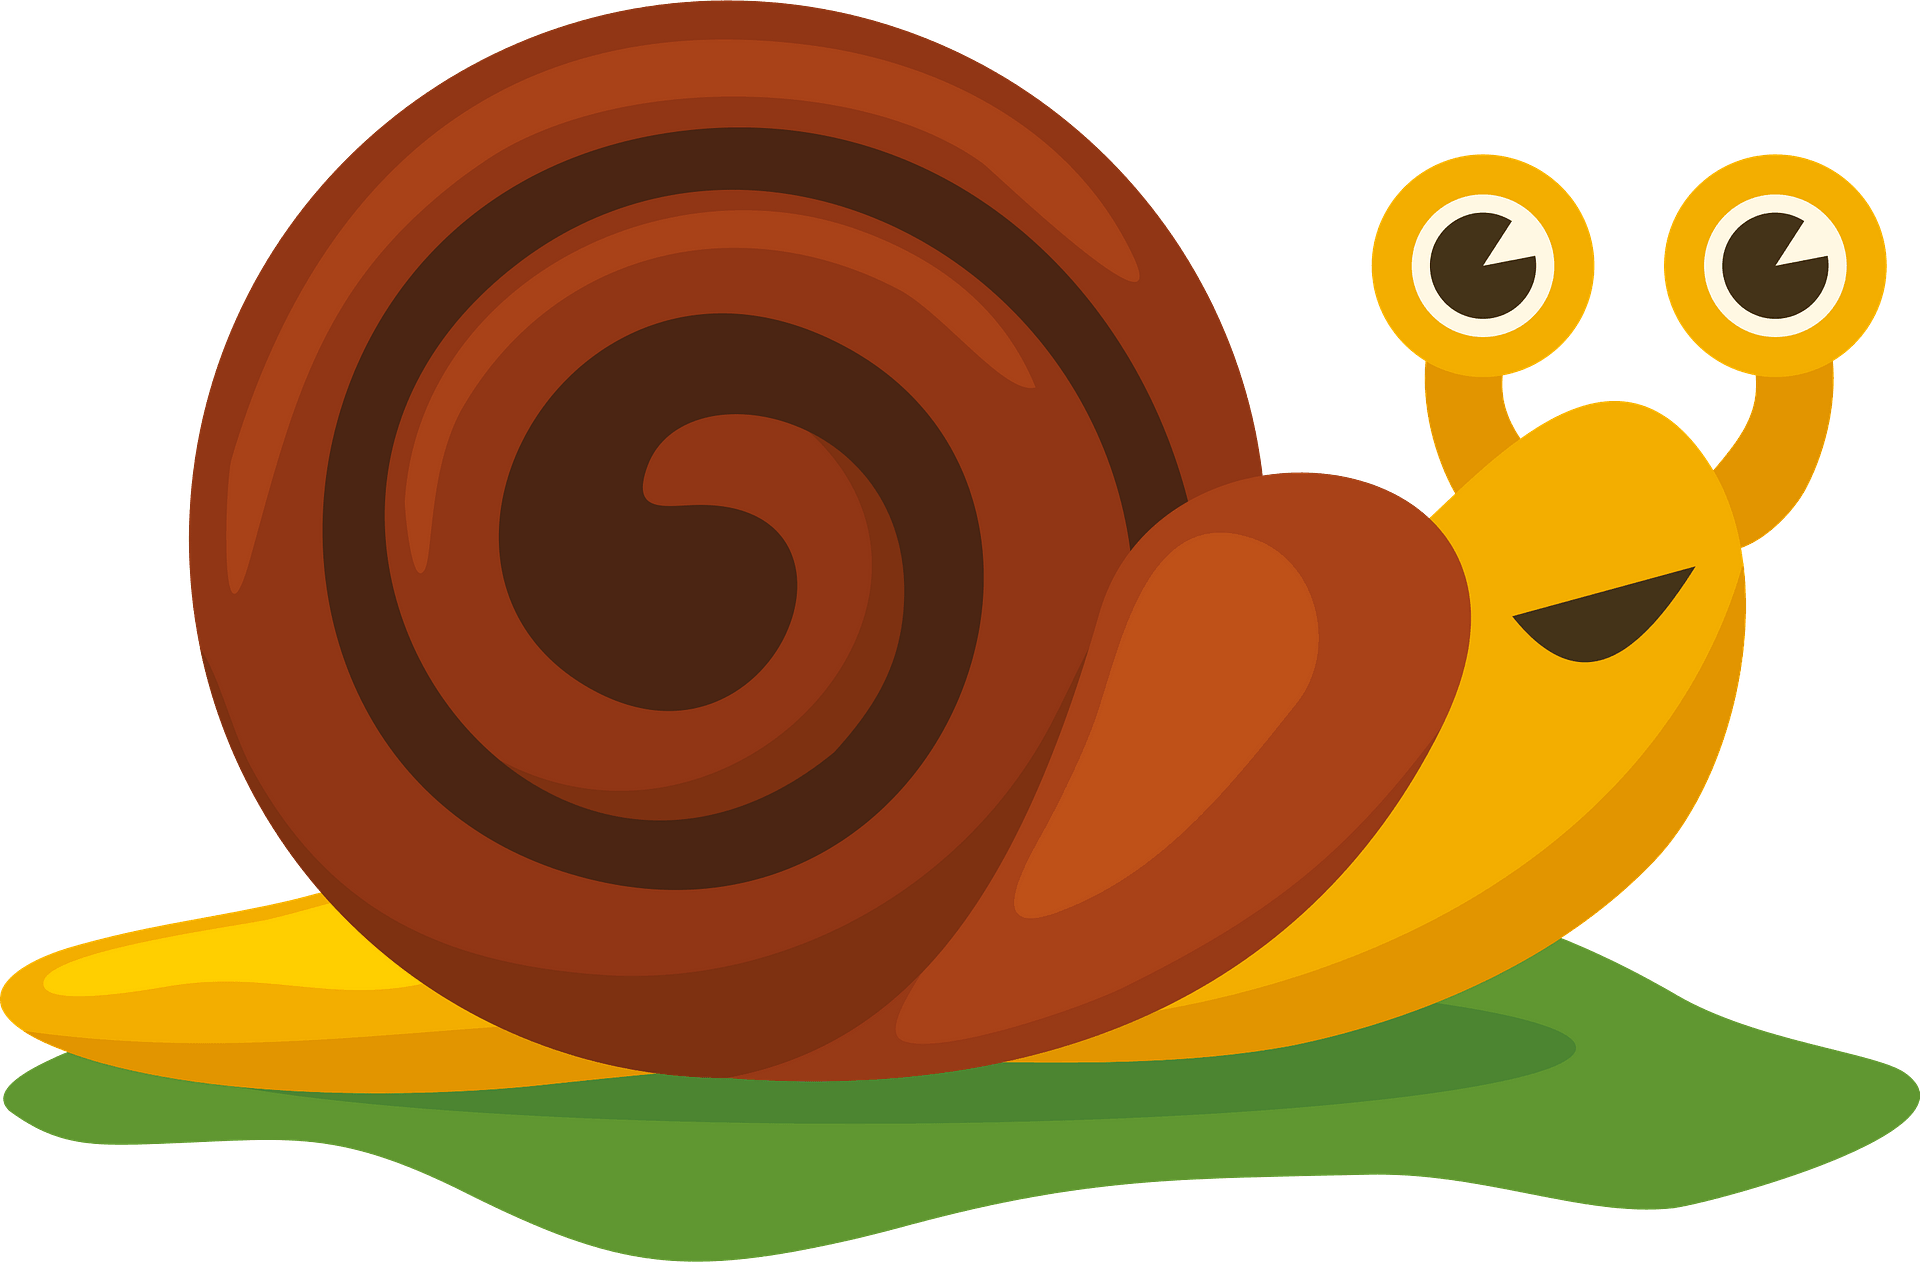 Snail Clipart Free Download Transparent Png Creazilla